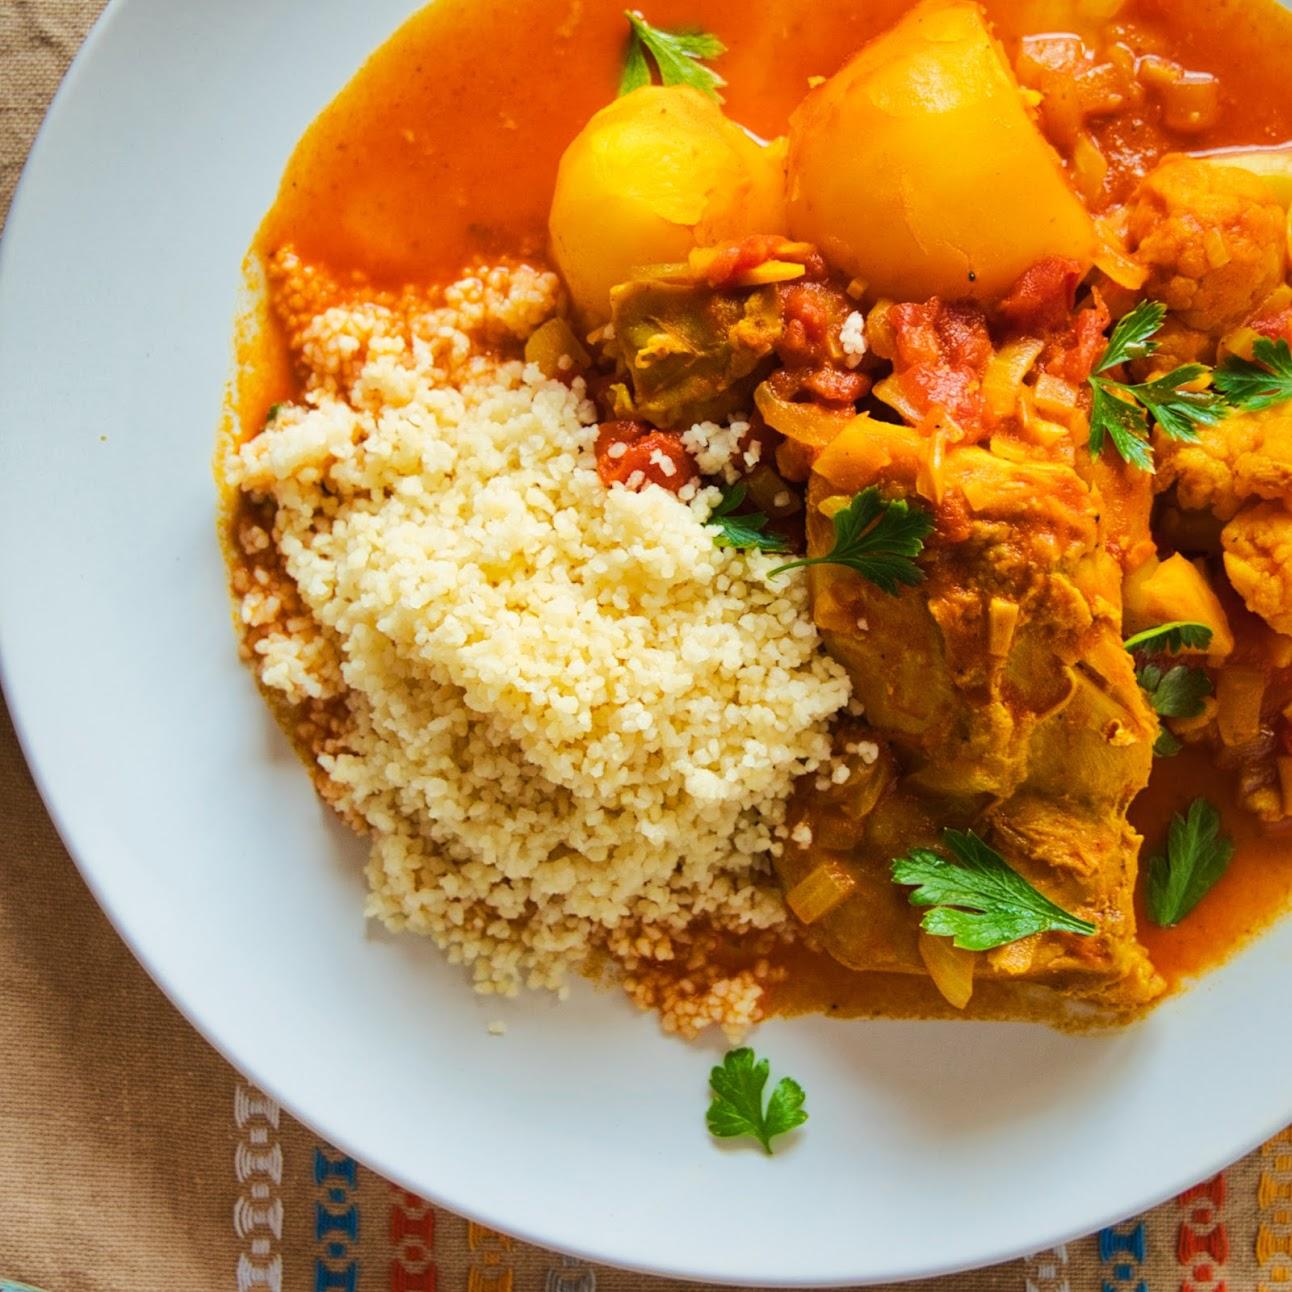 チュニジア風クスクス|野菜たっぷり、アフリカのスパイシーなトマト煮込み